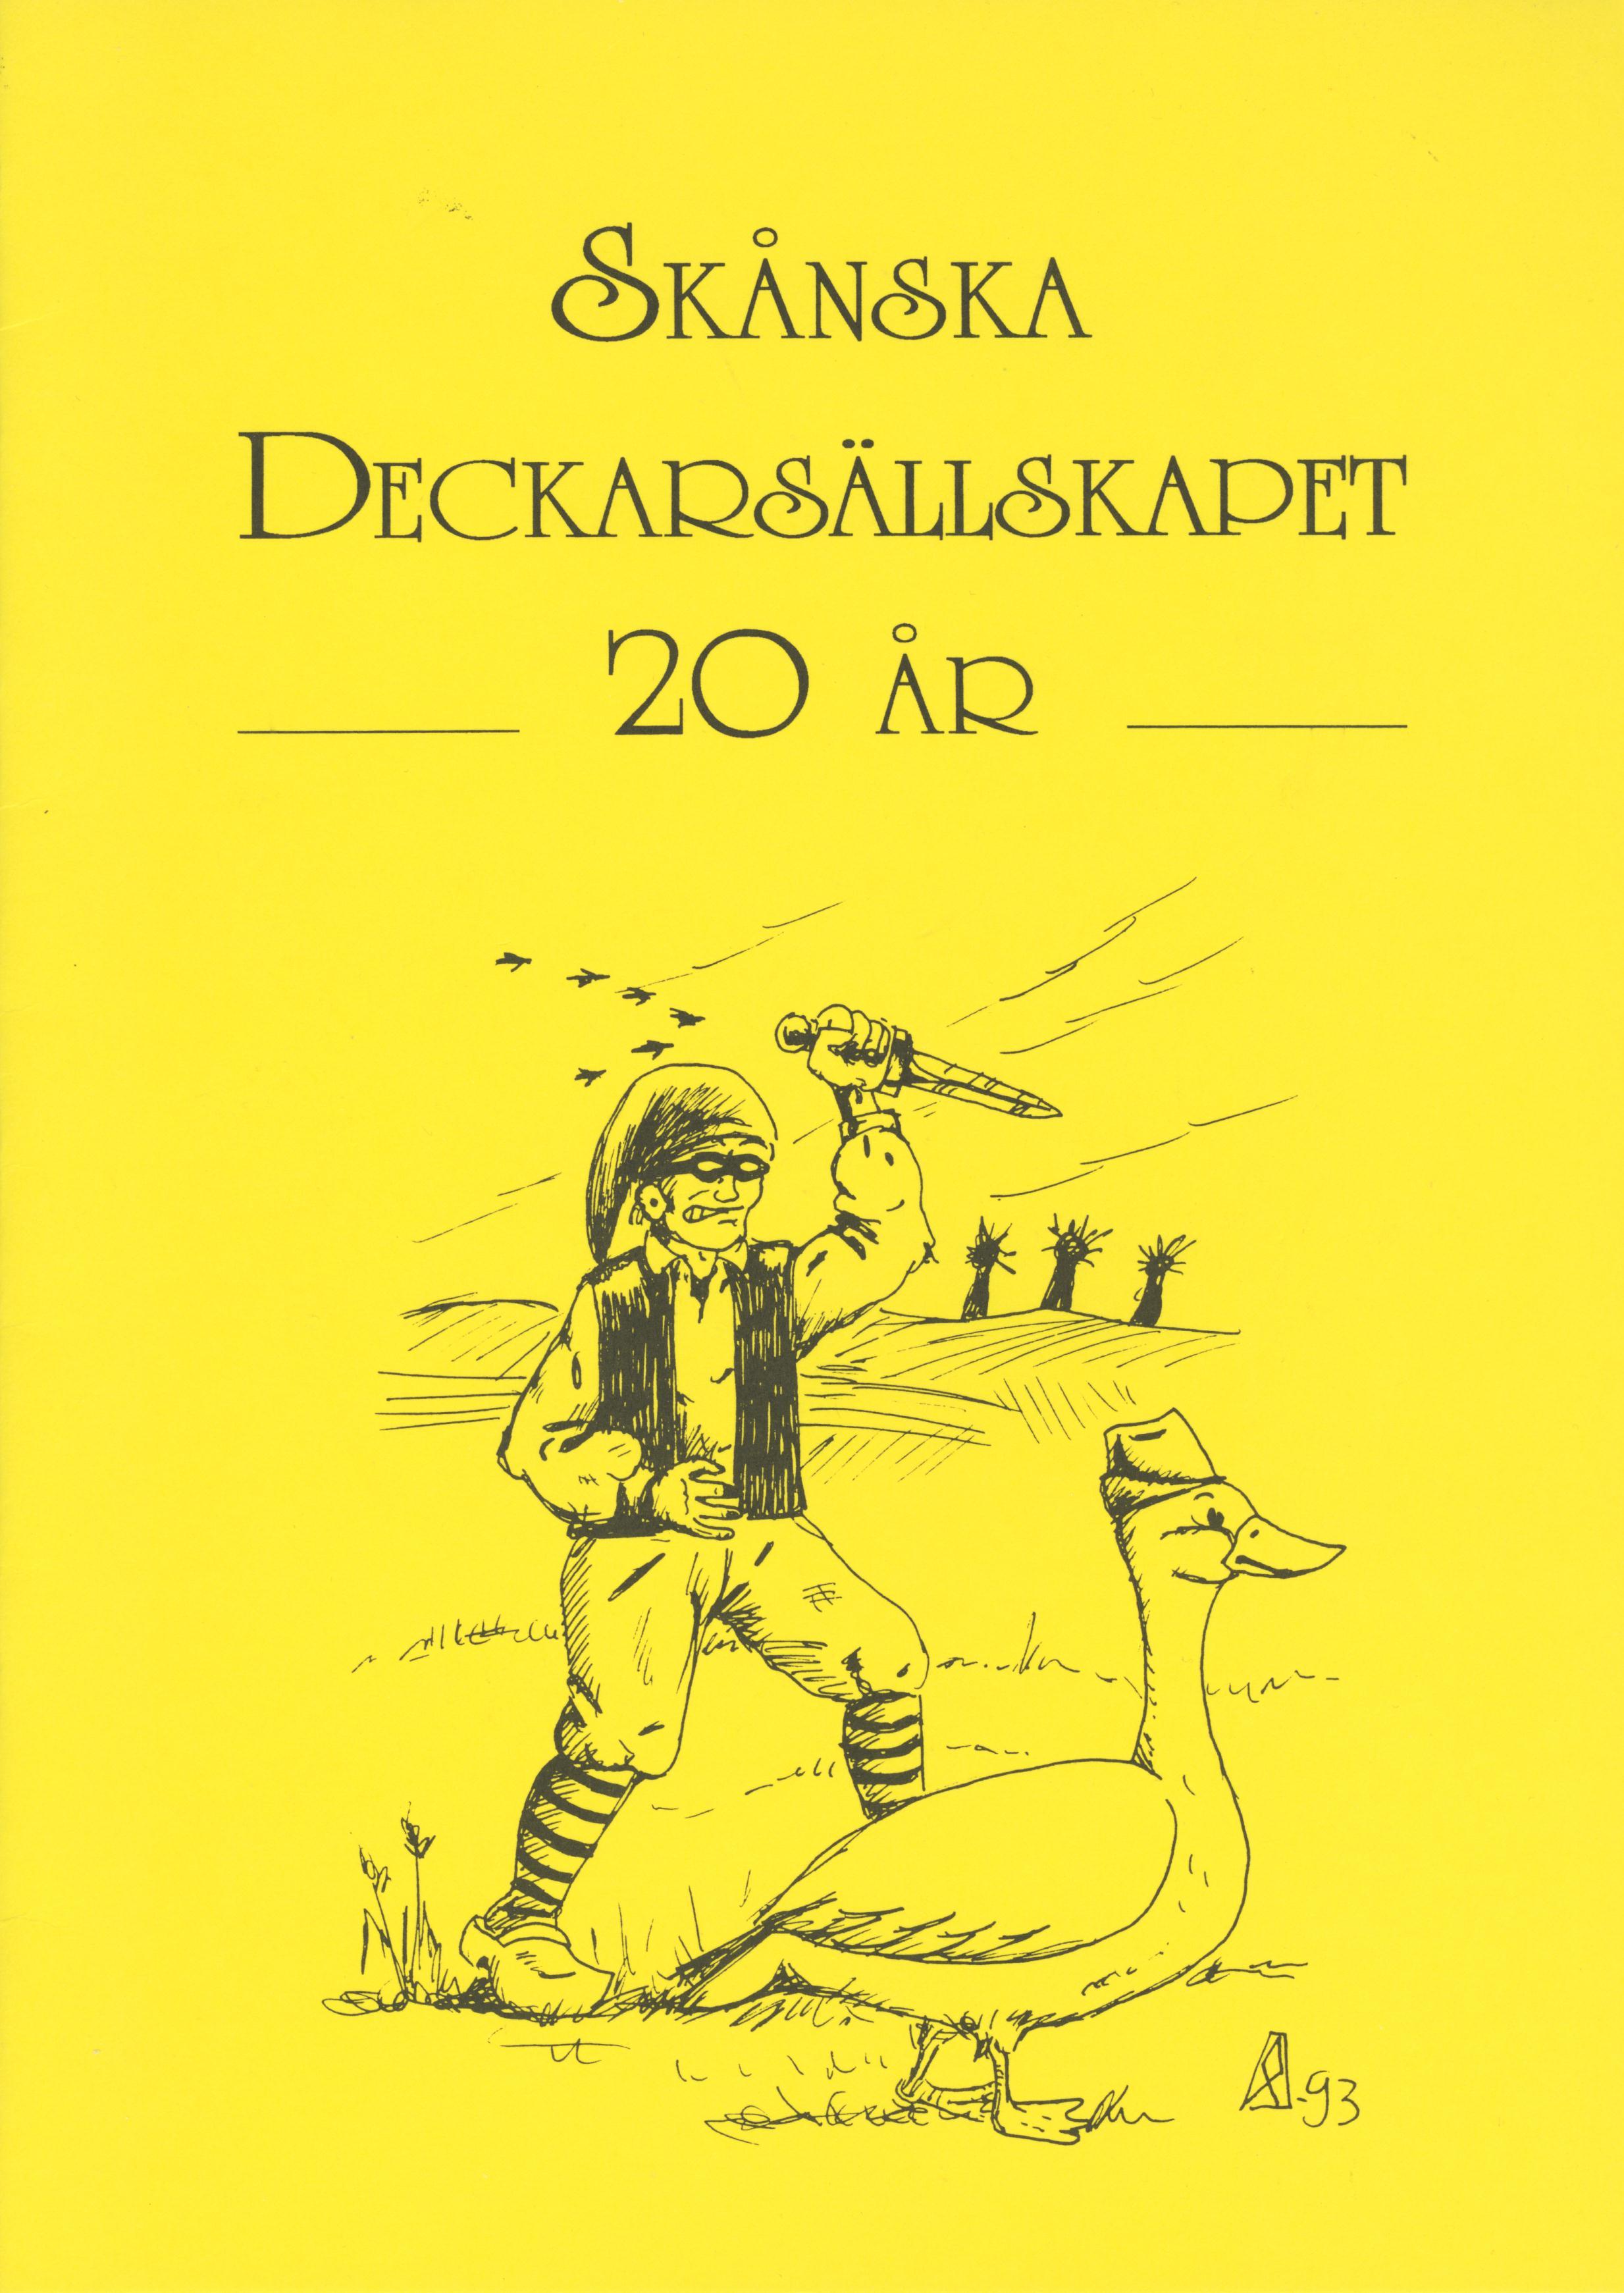 Skånska Deckarsällskapet 20 år